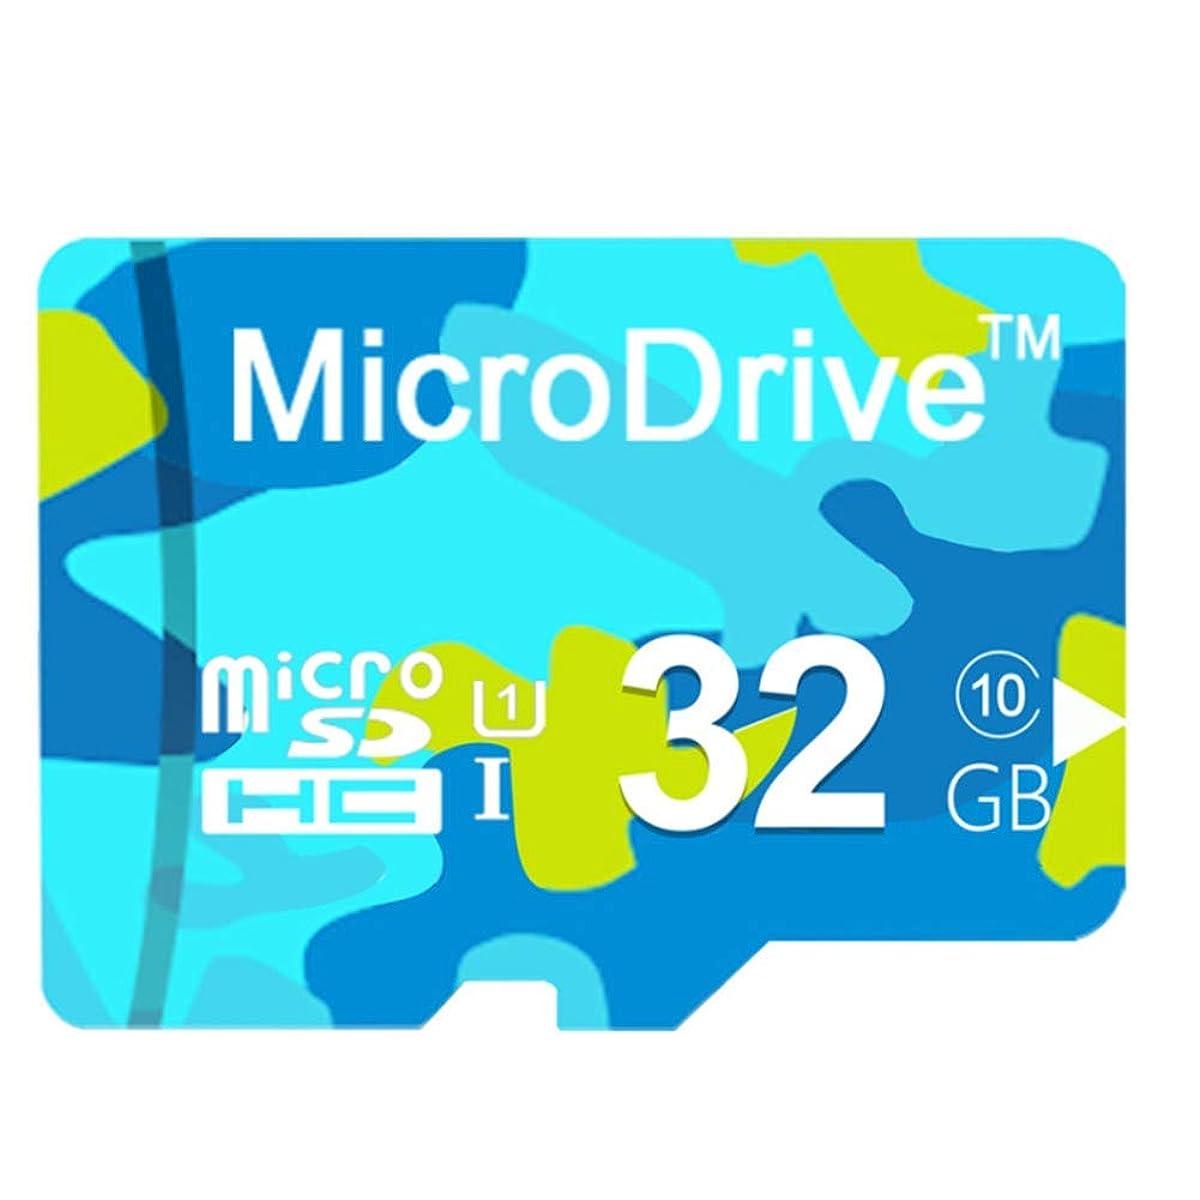 いじめっ子地球いくつかの32GB マイクロSDカード micro-SD カード 伝送レートCLASS10 TFカード メモリカード SDアダプタ付き 伝送レートCLASS10 携帯電話、タブレットPC、カメラ用 超高速転送 多く対象に適用する